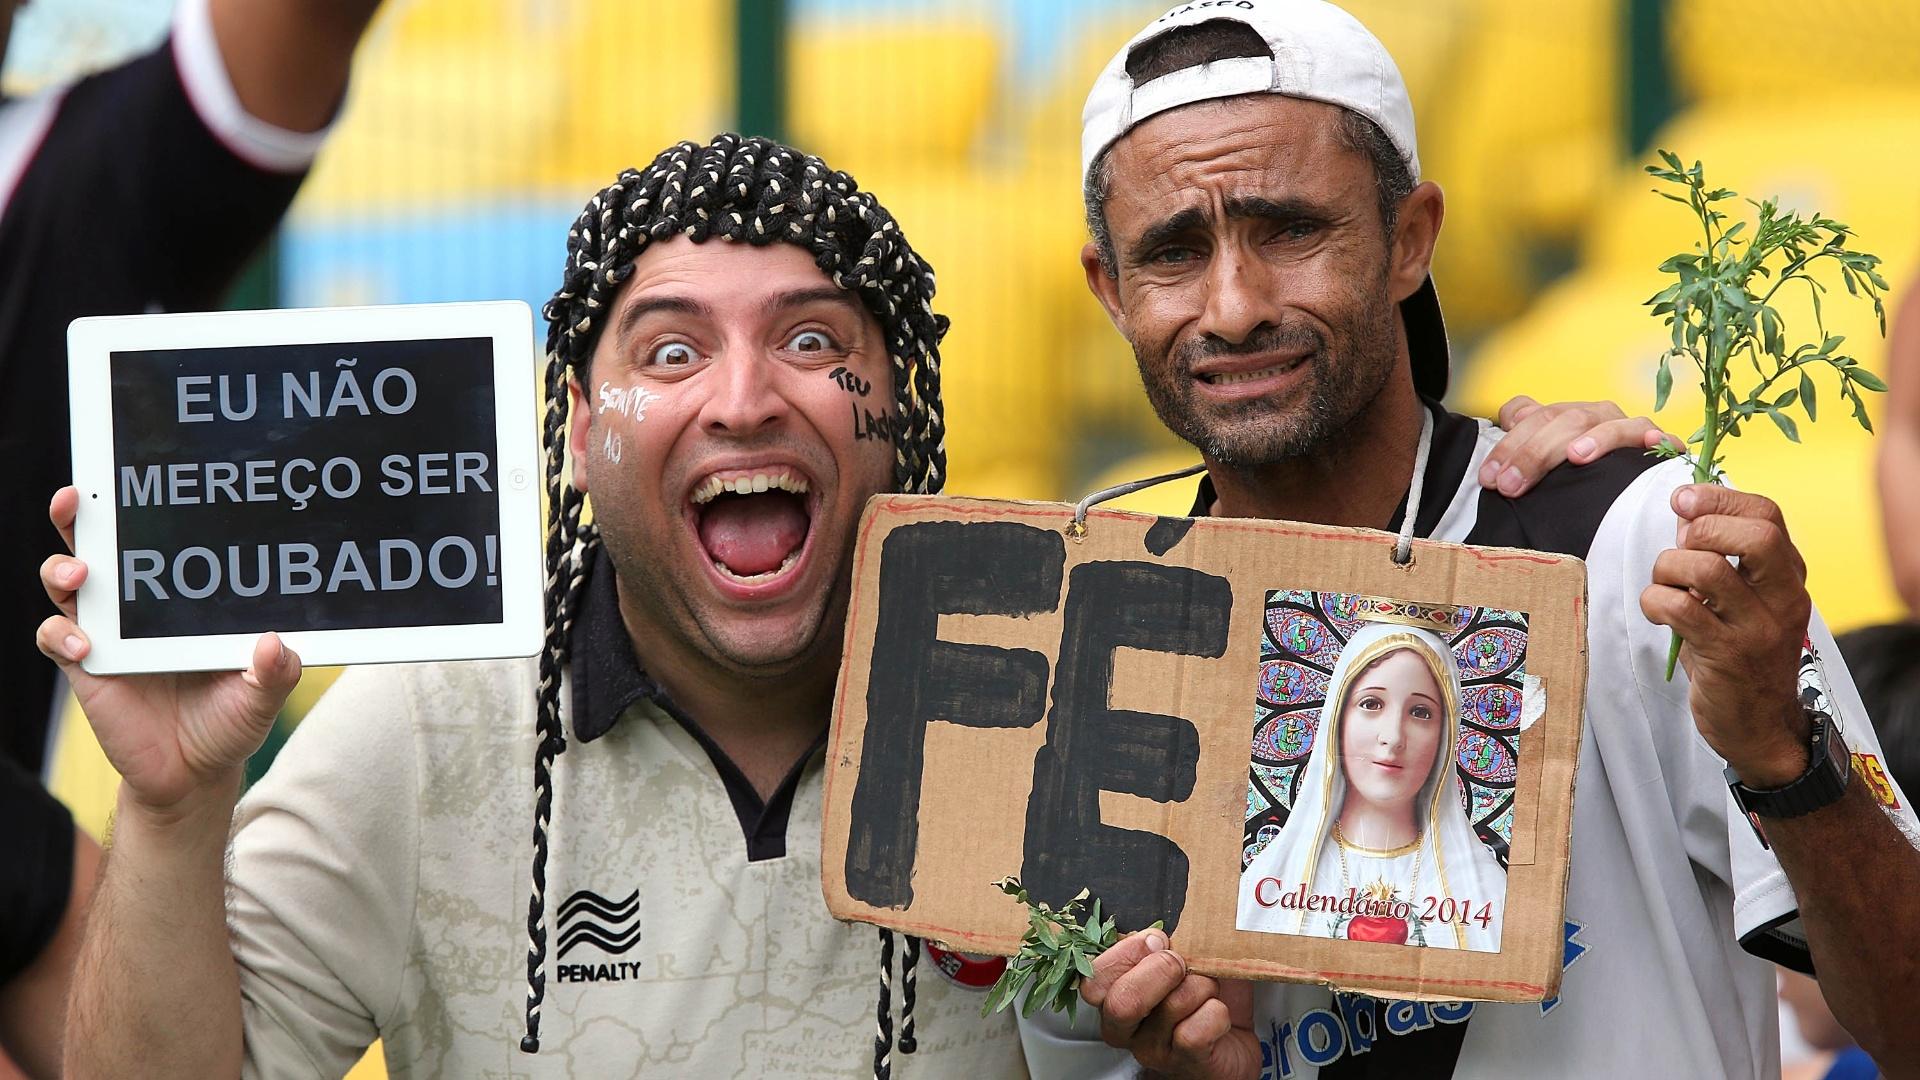 Torcedores do Vasco mesclam fé com bom humor e apreensão com a arbitragem antes da final contra o Flamengo